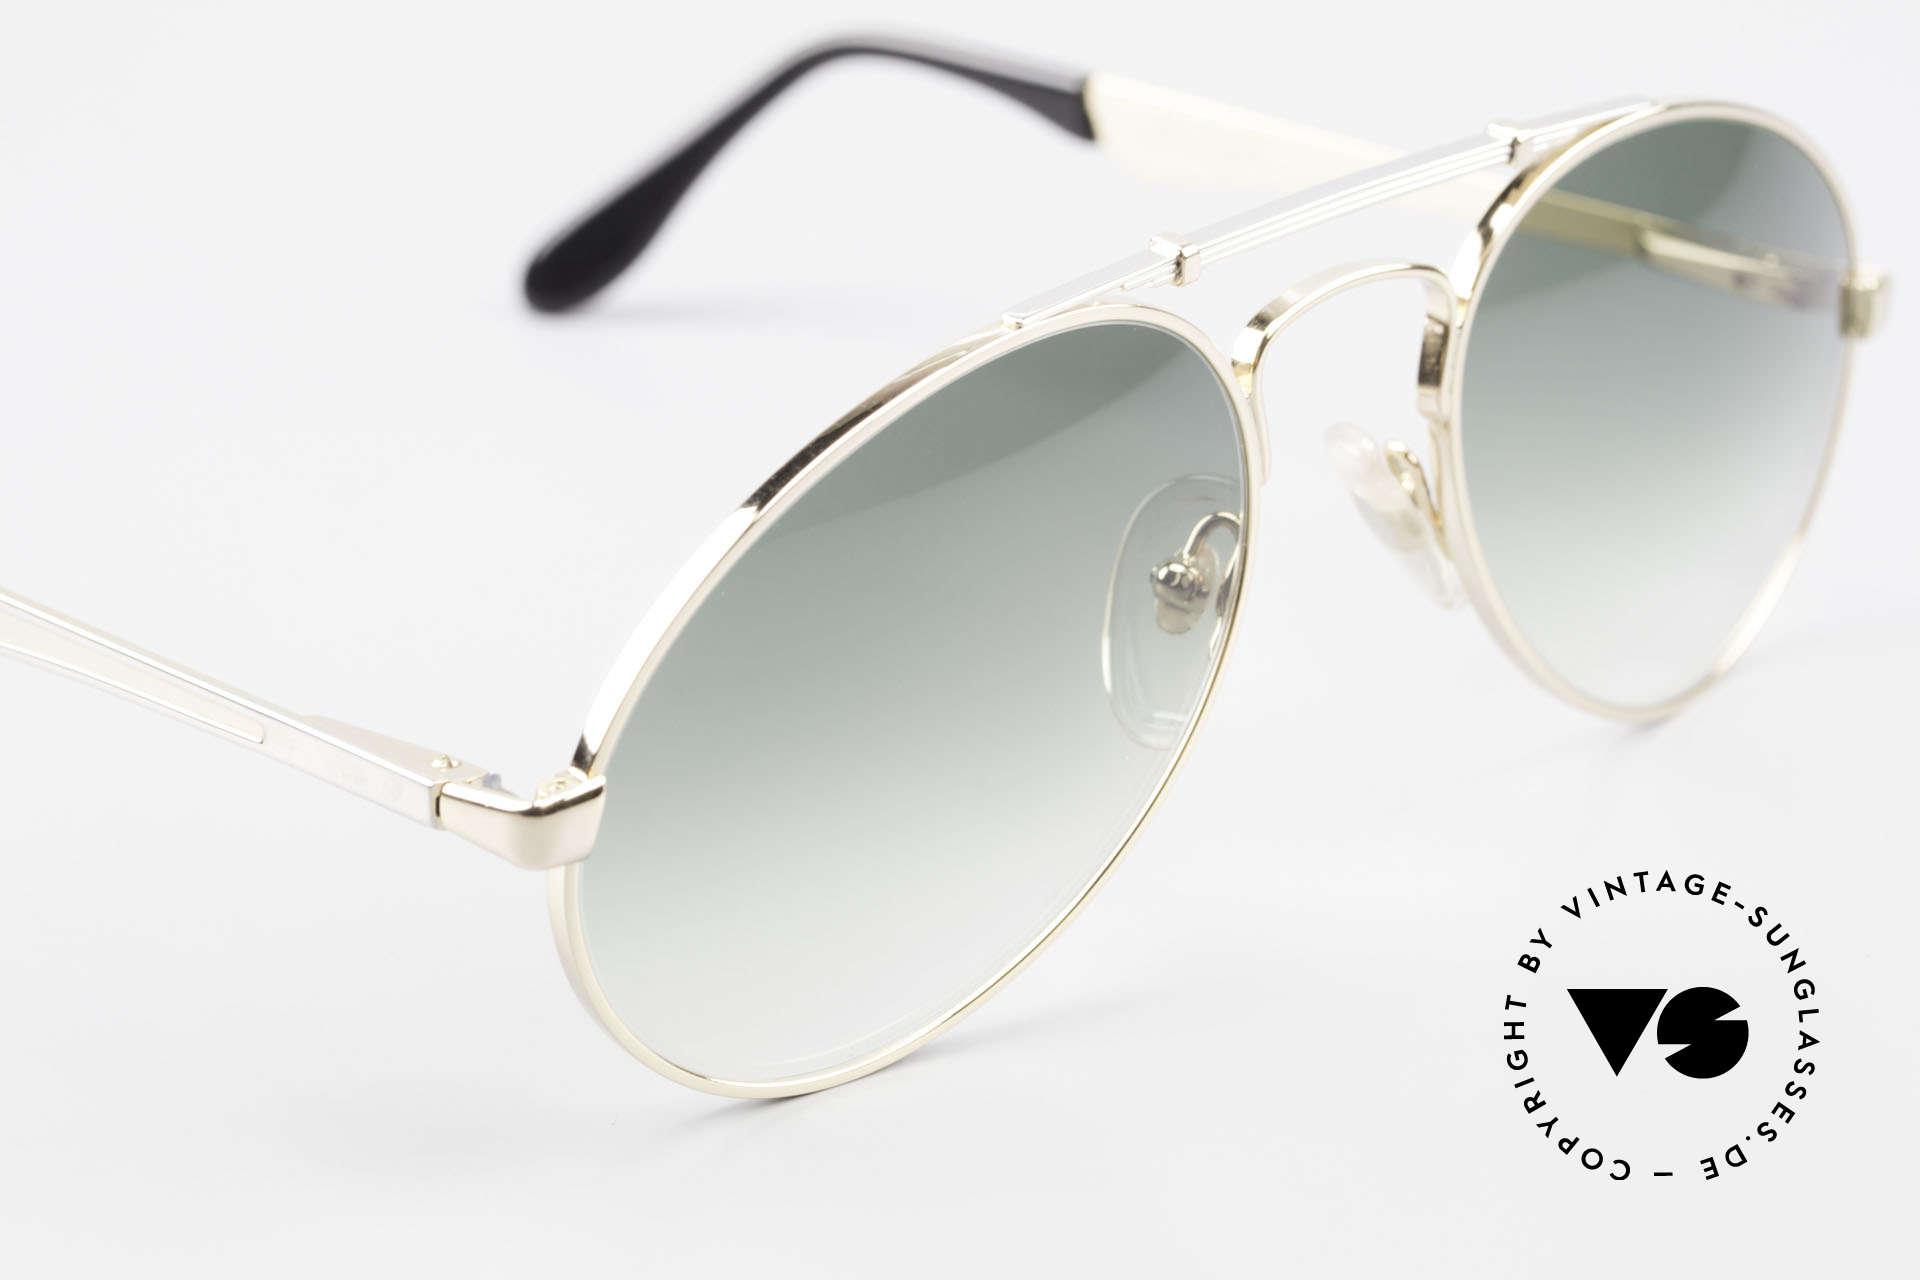 Bugatti 11908 Large 80's Luxury Sunglasses, NO RETRO sunglasses; but a costly 80's Original!, Made for Men